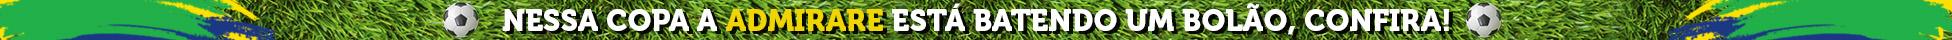 Banner Topo Copa do Mundo